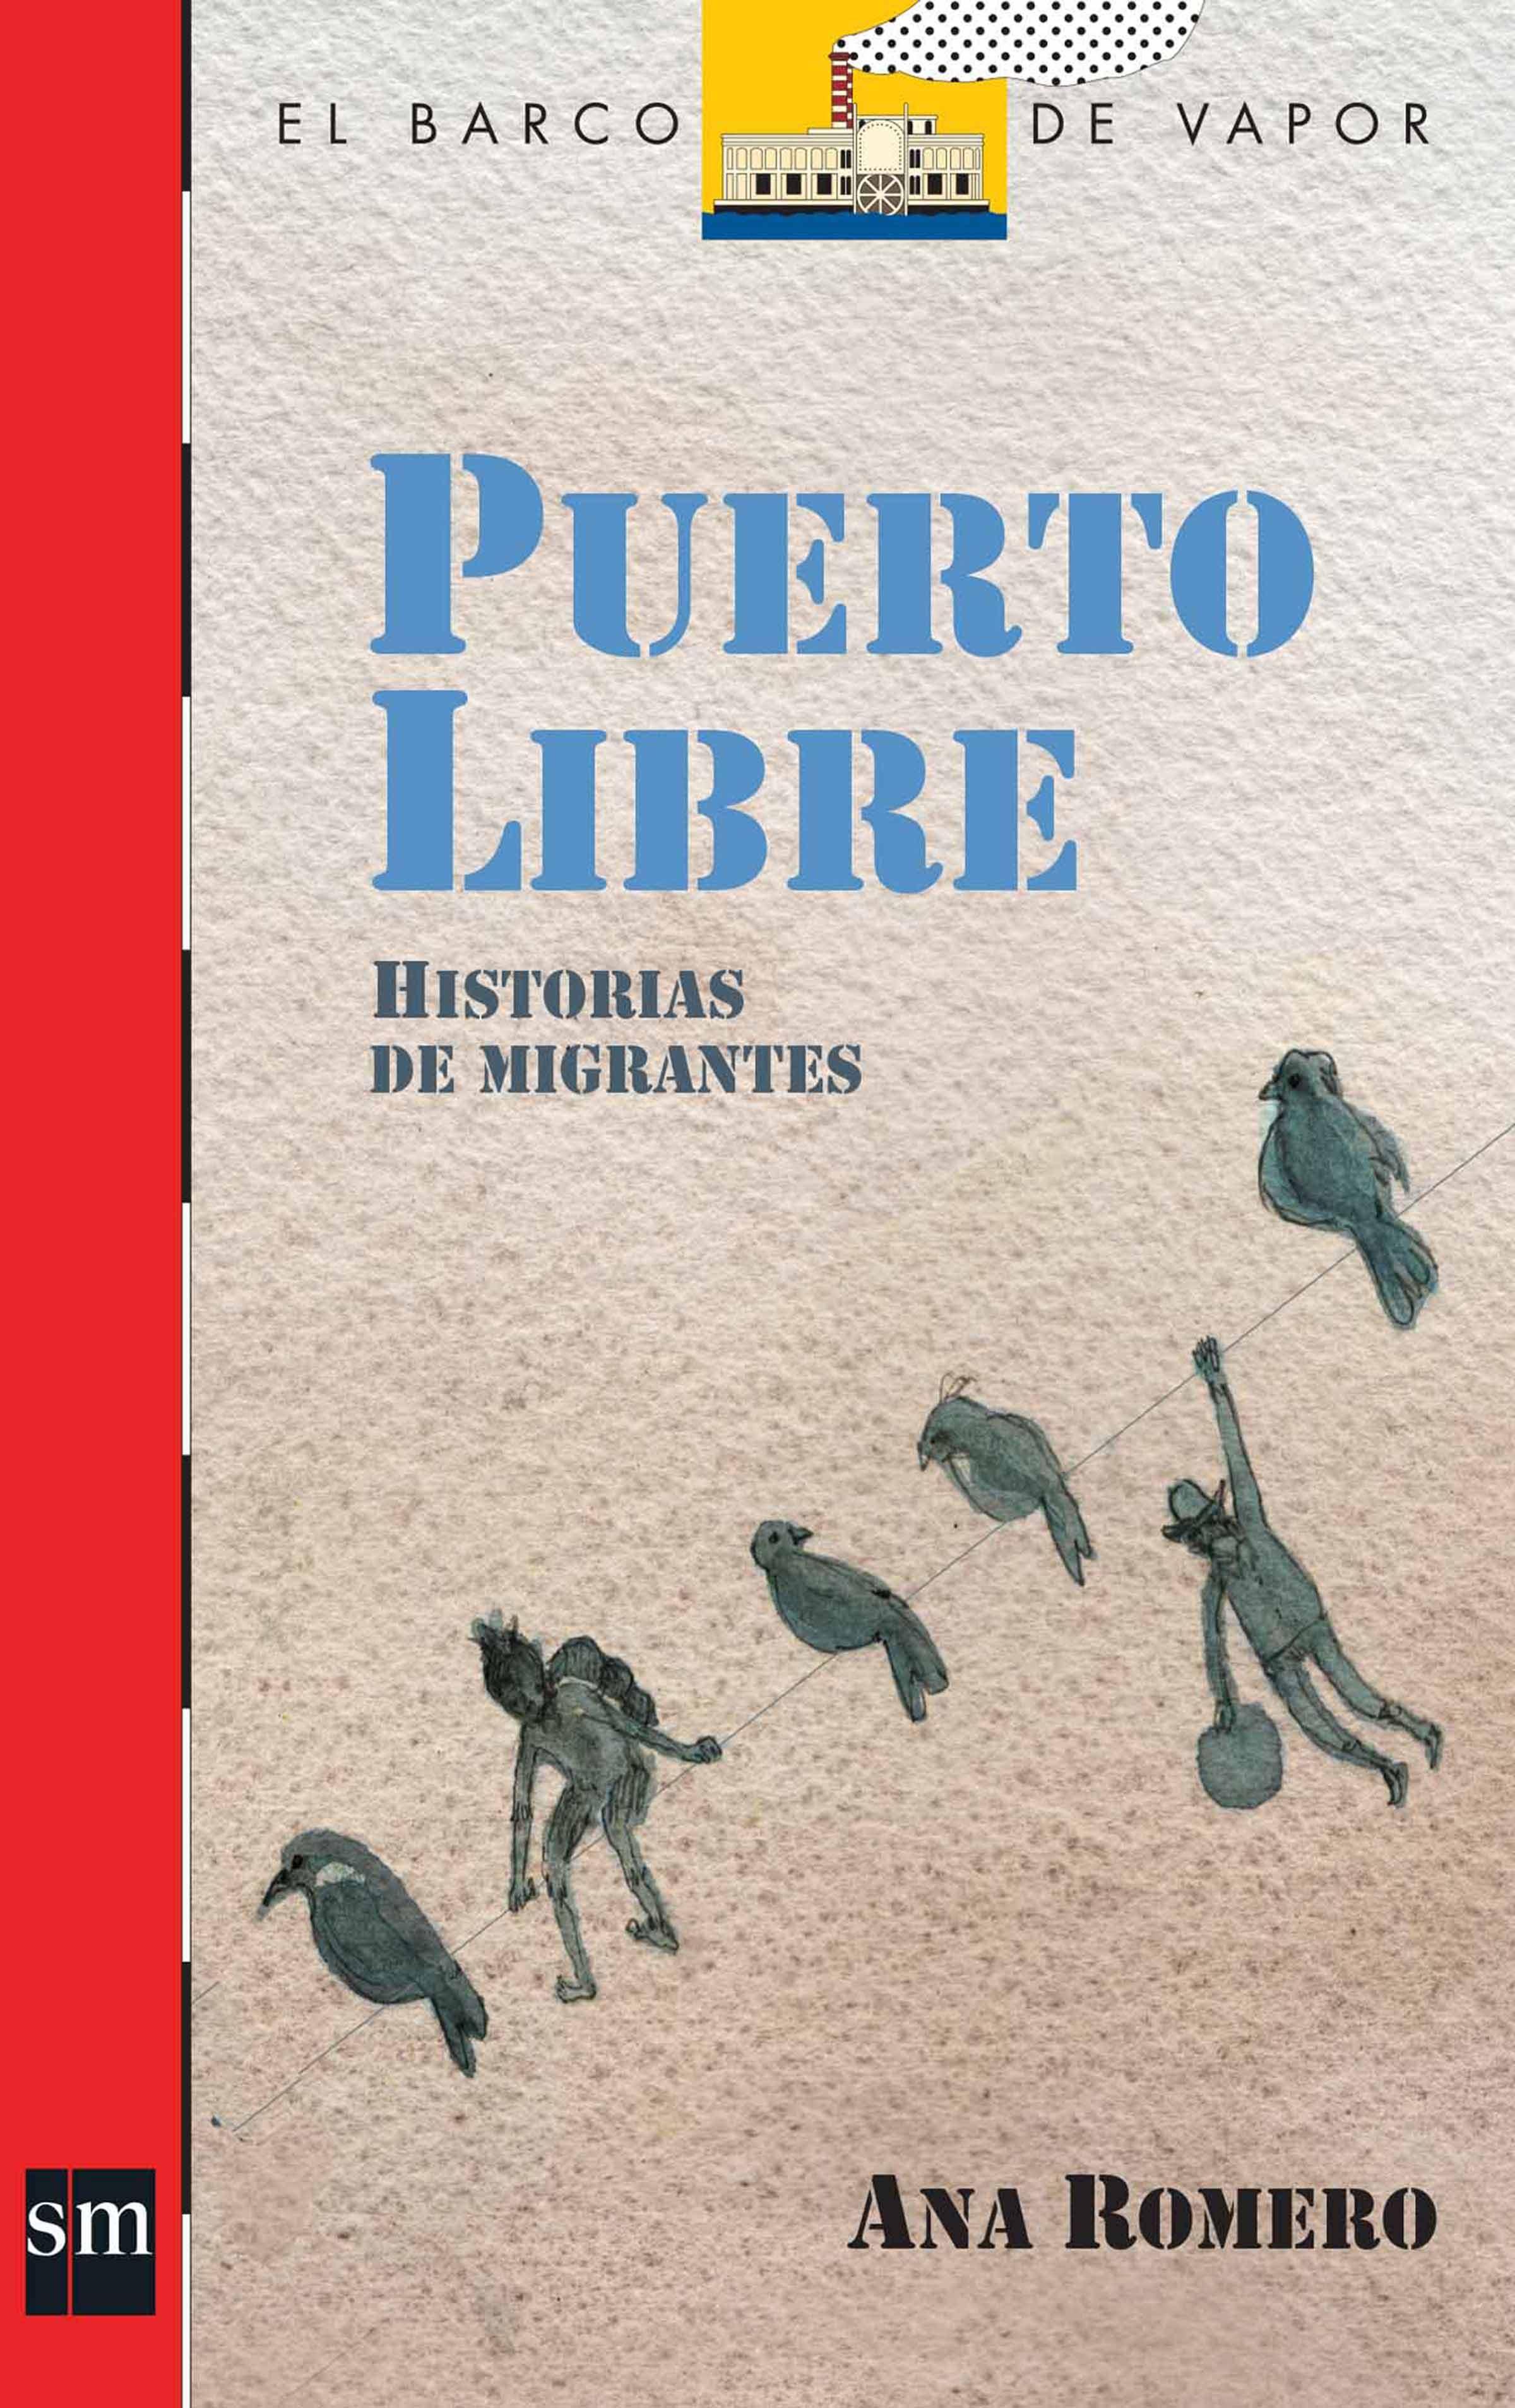 libros-sobre-migracion-puerto-libre-ana-romero